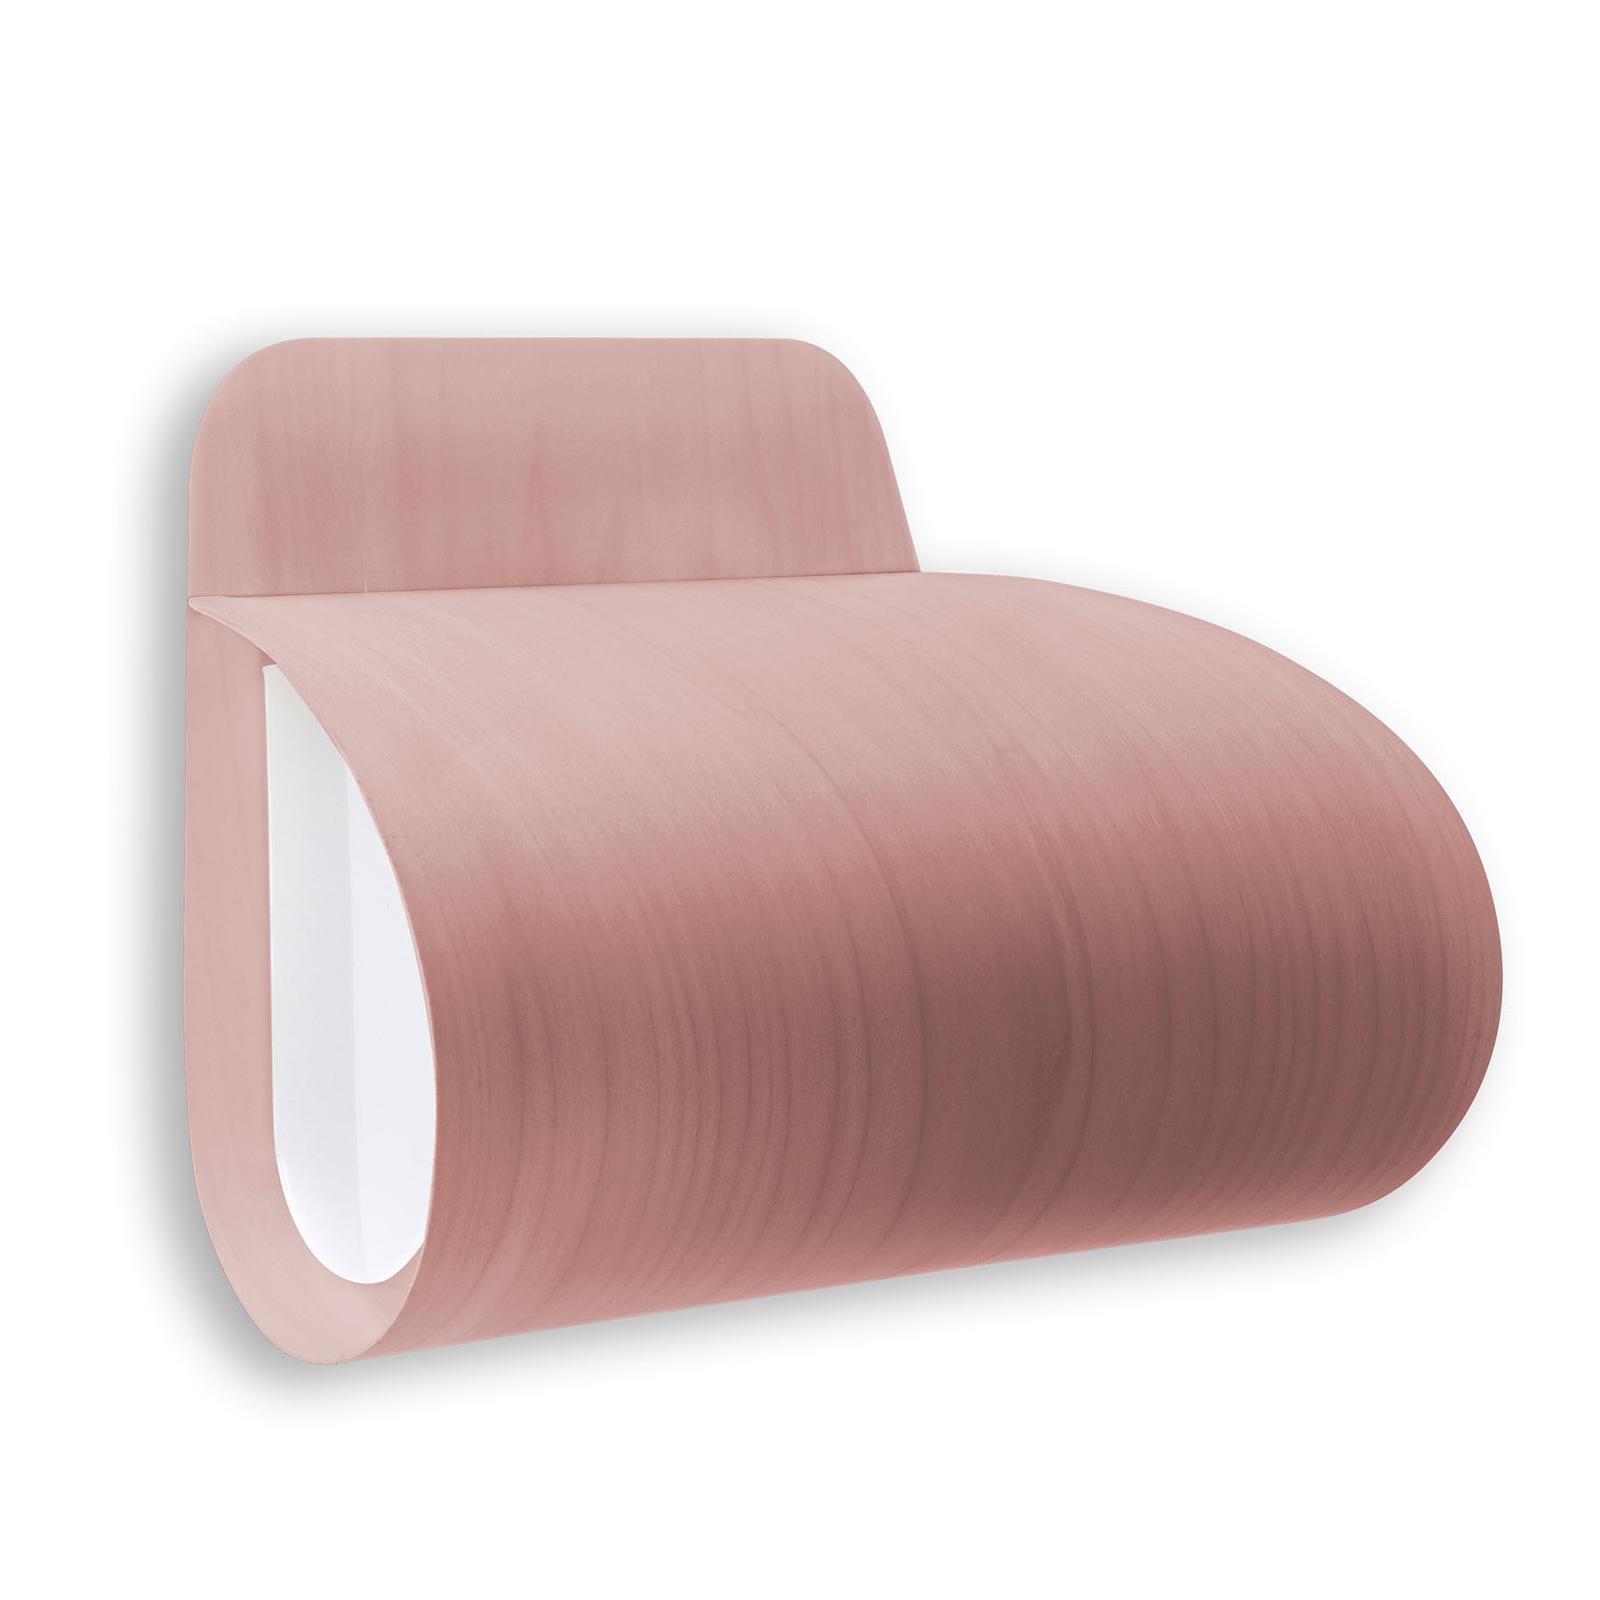 LZF Pleg LED-Wandleuchte 0-10V dim rosé